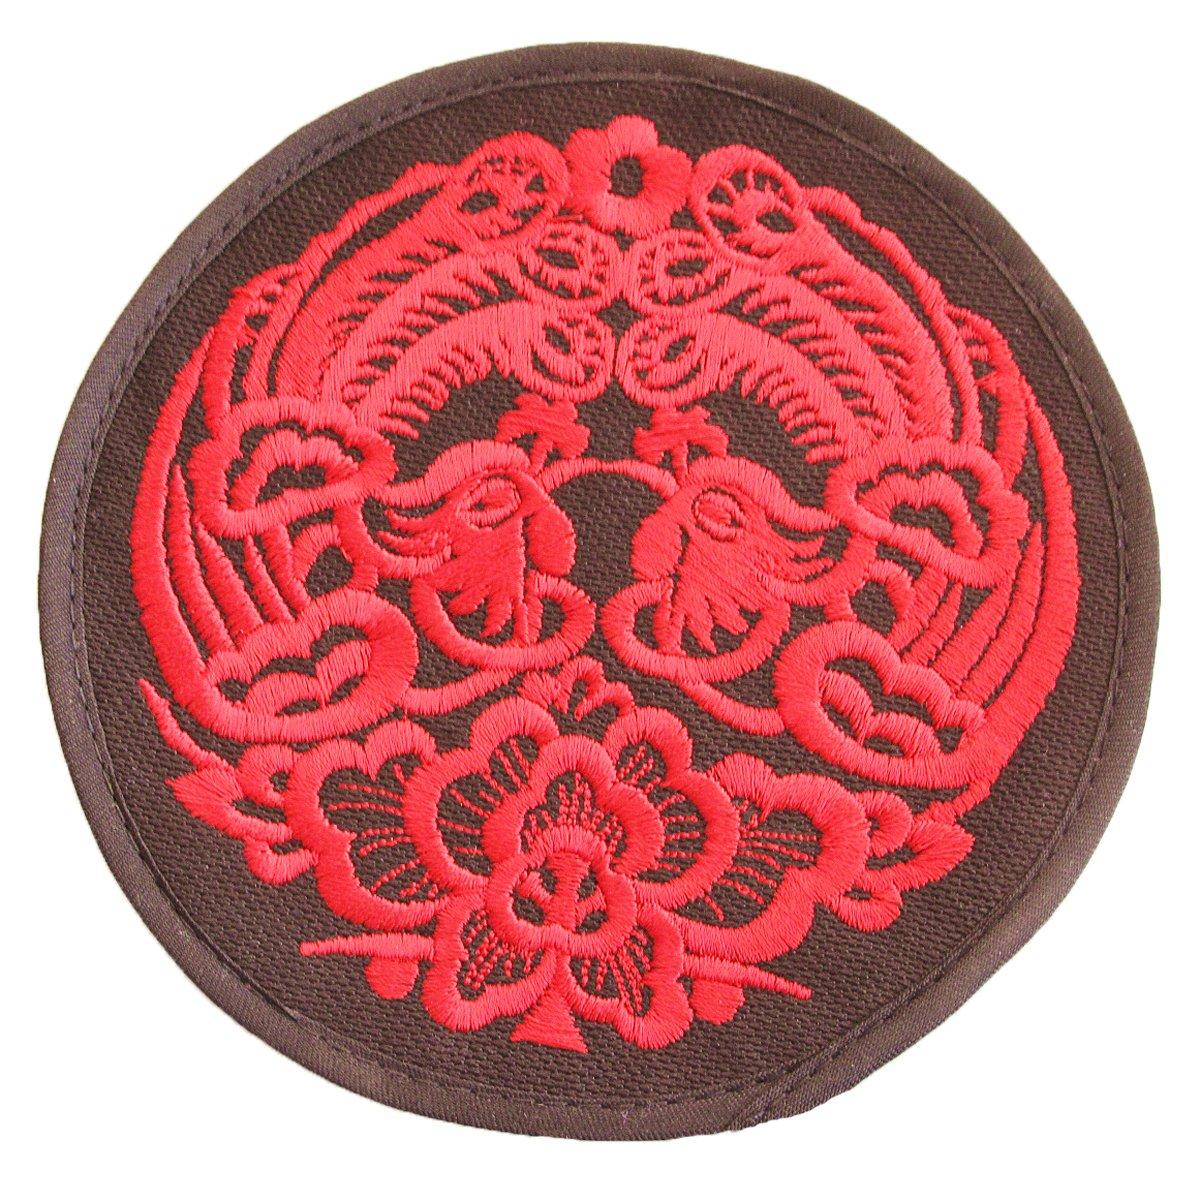 小鸡啄米 布艺鸳鸯绣花杯垫 民族风圆形碗垫盘垫隔热垫 结婚喜庆礼物